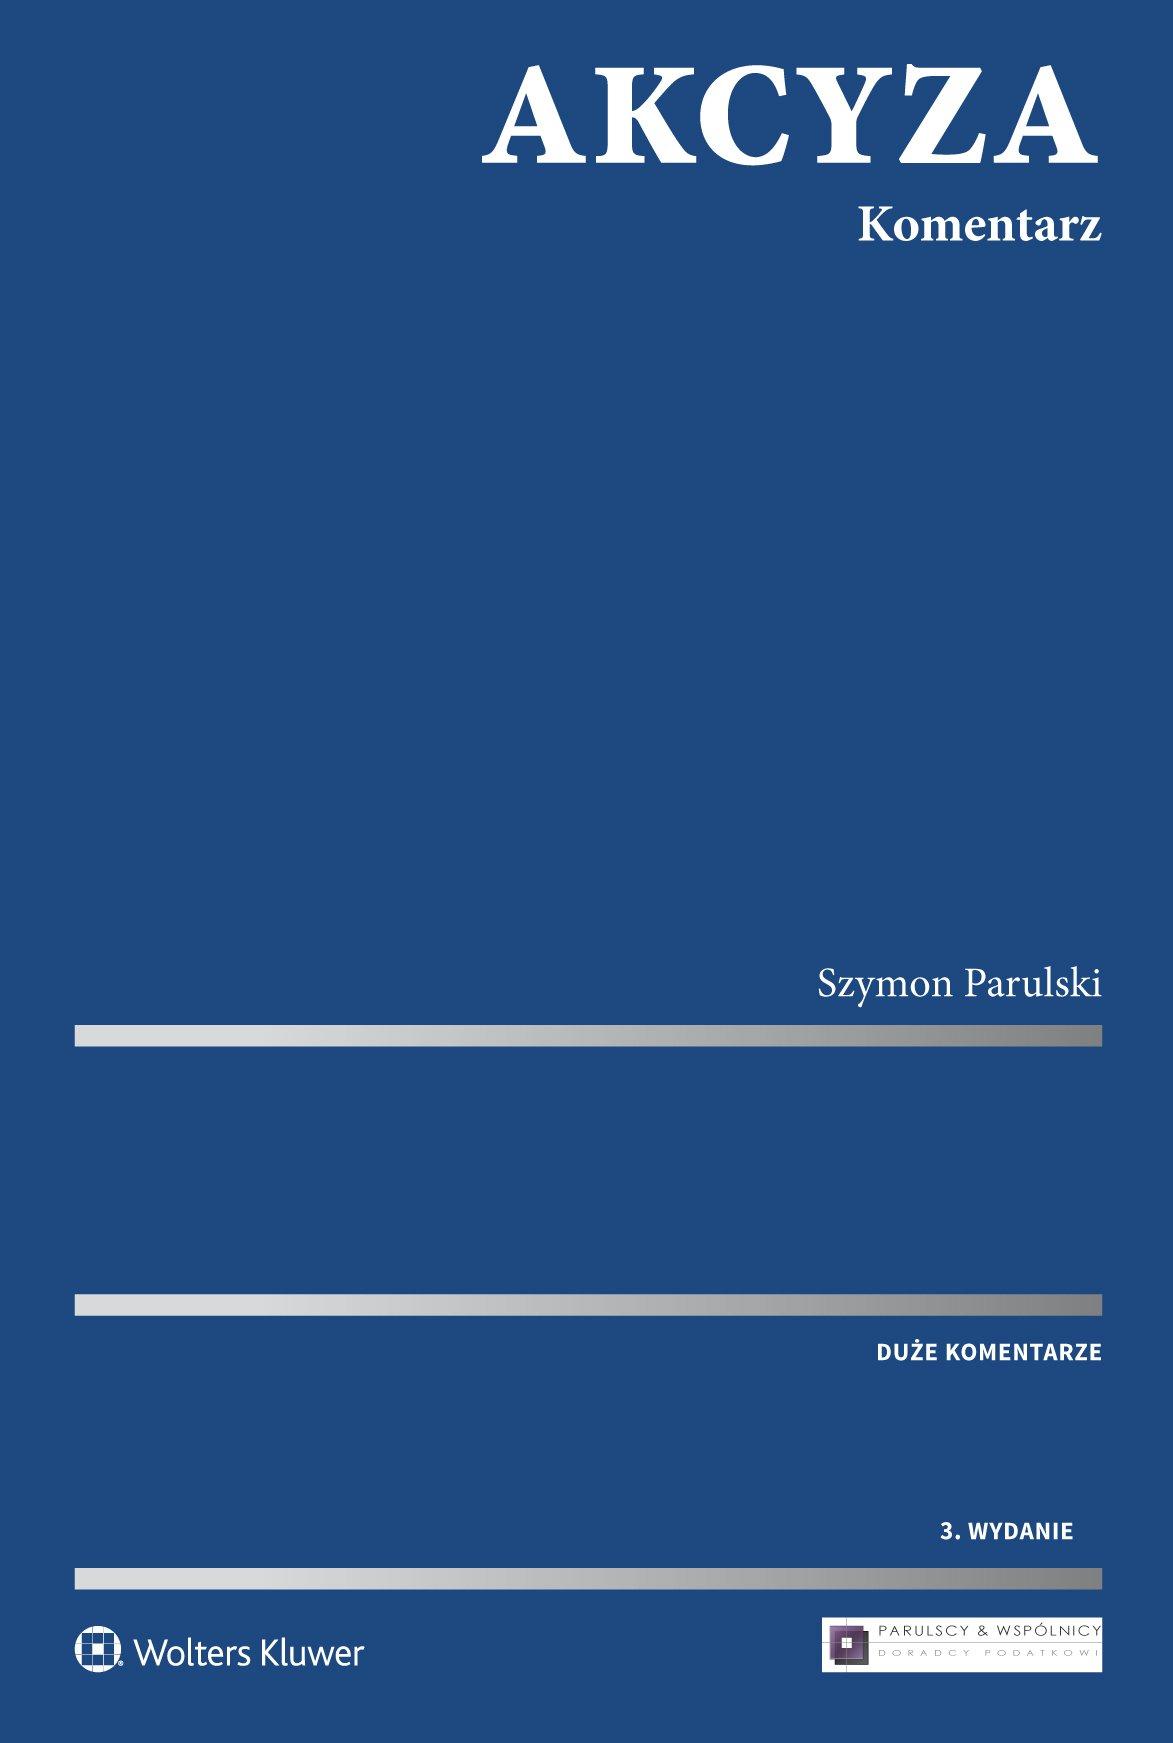 Akcyza. Komentarz - Ebook (Książka PDF) do pobrania w formacie PDF